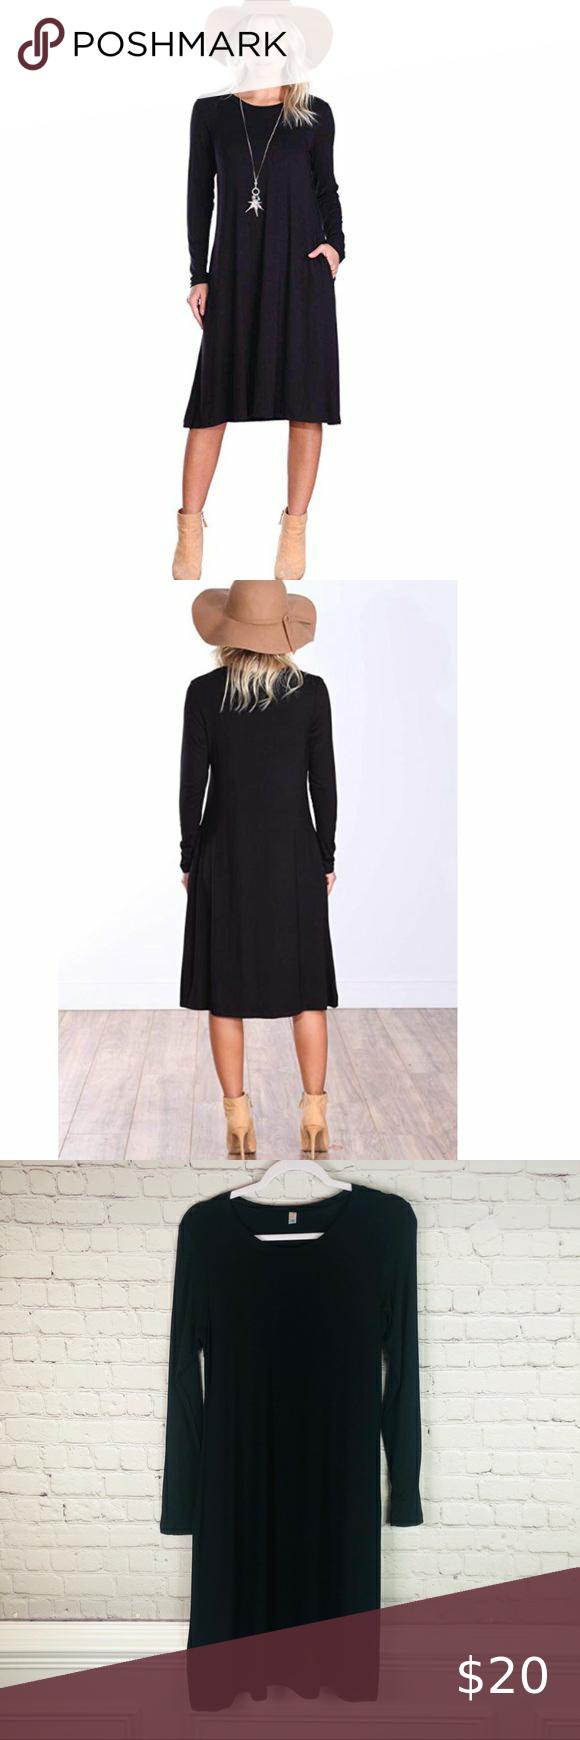 Popana Black Long Sleeve Swing Dress With Pockets Long Sleeve Swing Dress Womens Trendy Dresses Sleeved Swing Dress [ 1740 x 580 Pixel ]